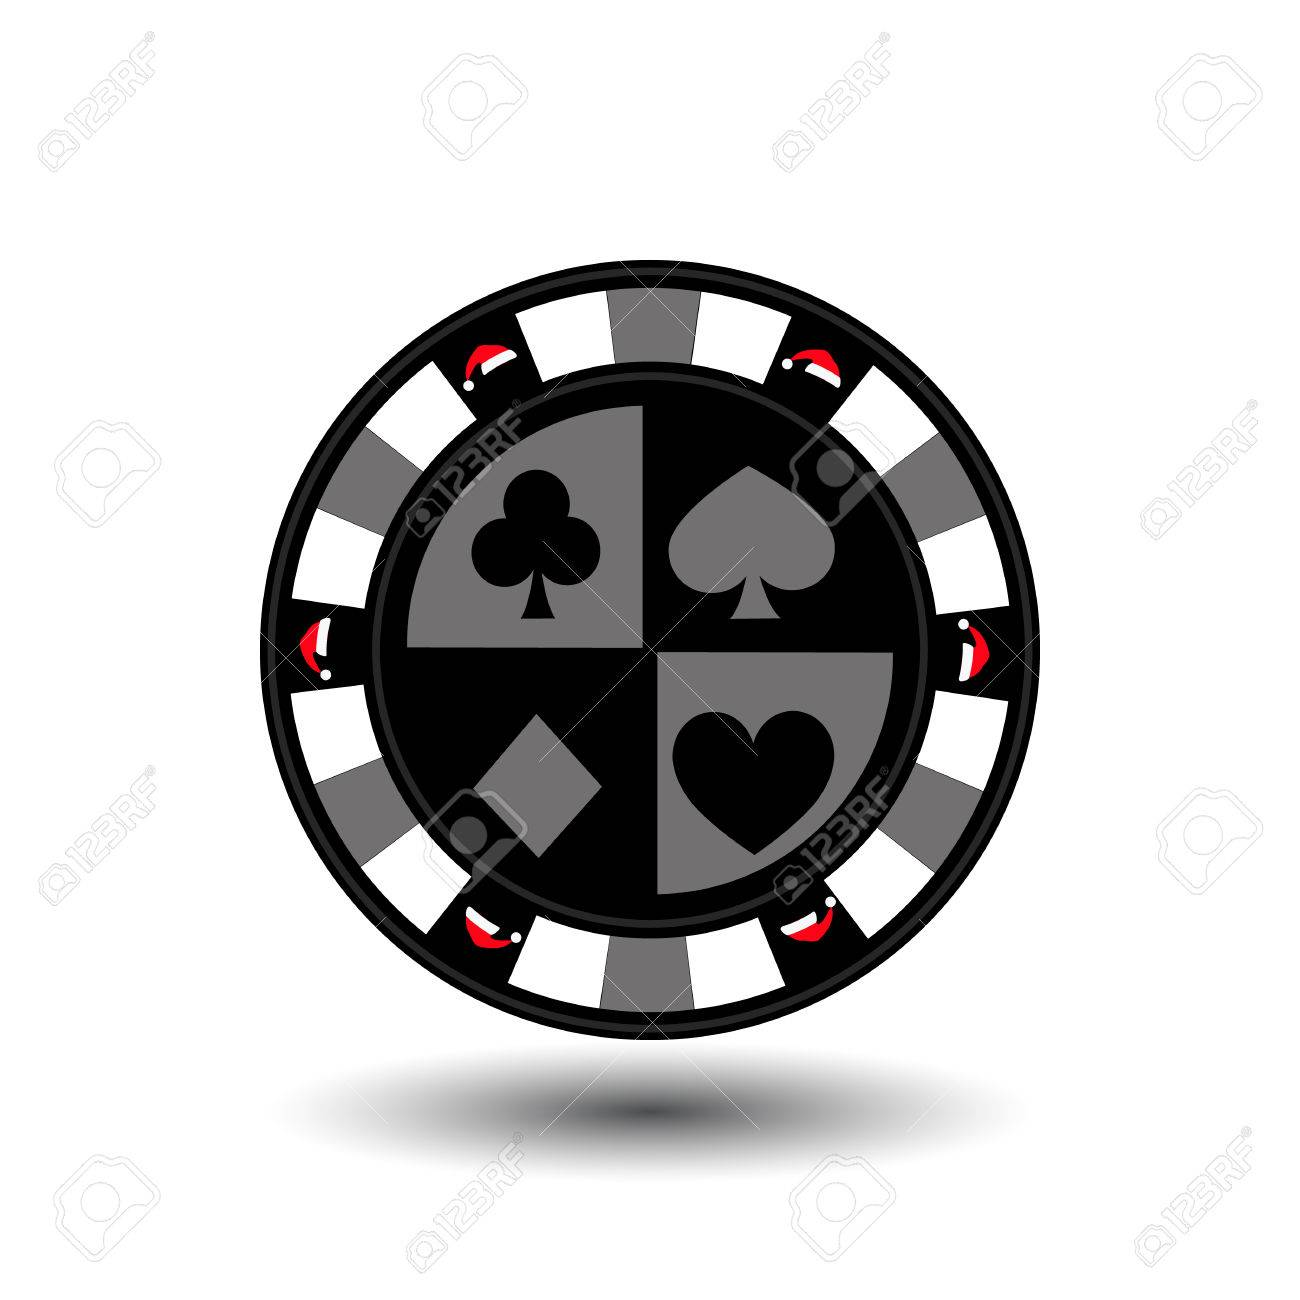 Chip-Poker-Casino Weihnachten Neue Jahr. Symbol Vektor-Illustration ...